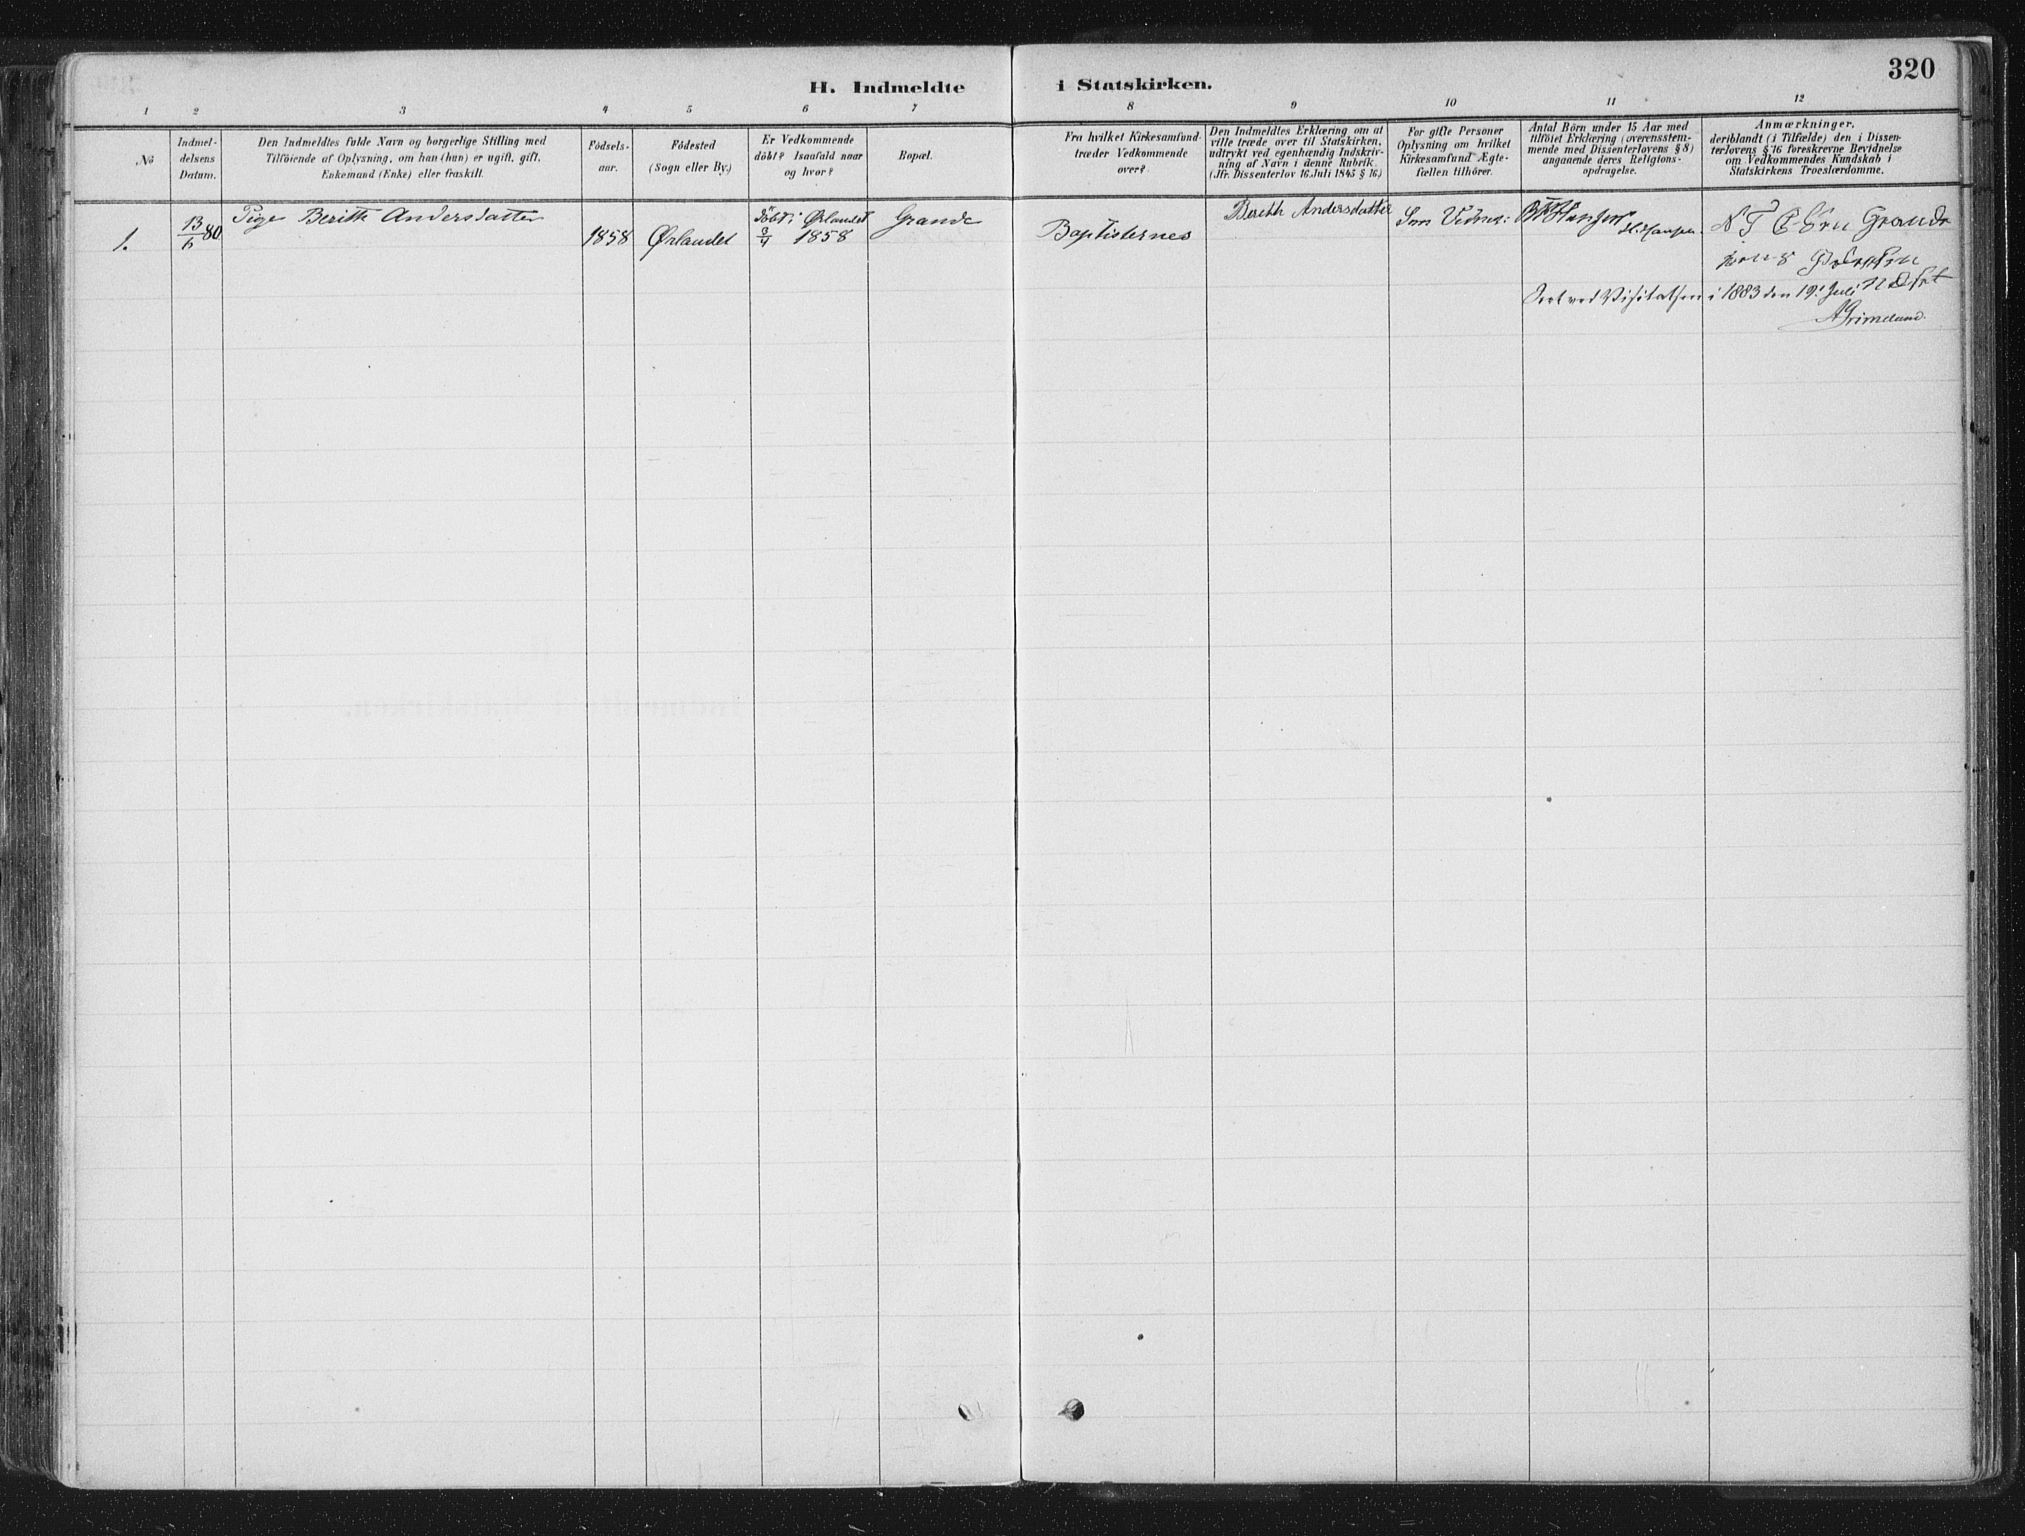 SAT, Ministerialprotokoller, klokkerbøker og fødselsregistre - Sør-Trøndelag, 659/L0739: Ministerialbok nr. 659A09, 1879-1893, s. 320